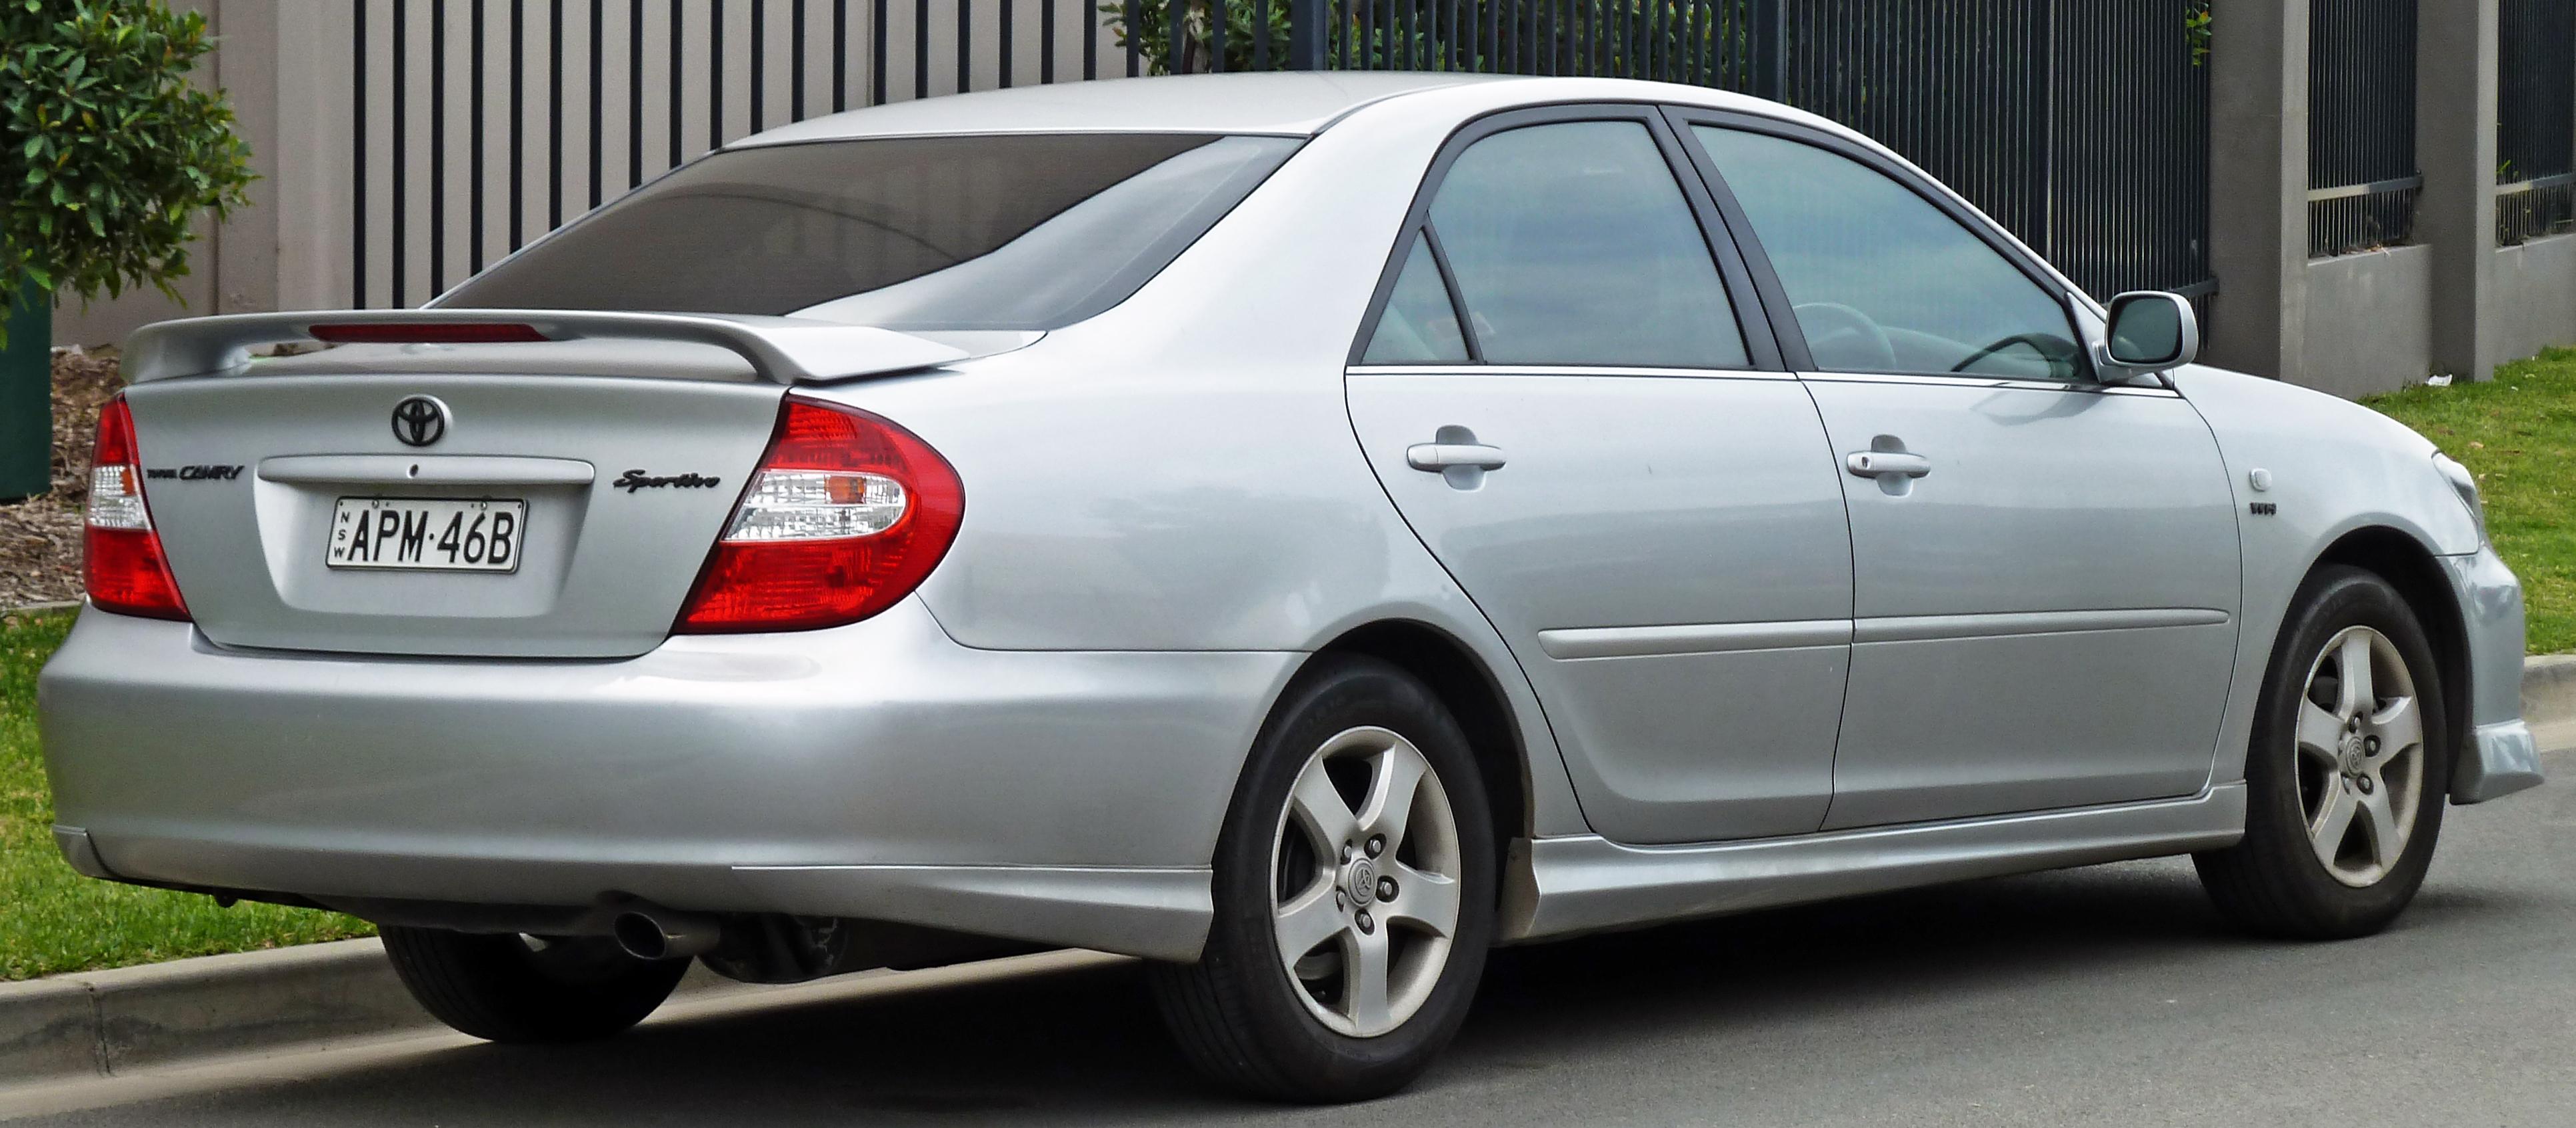 Тойота камри 2004 фото